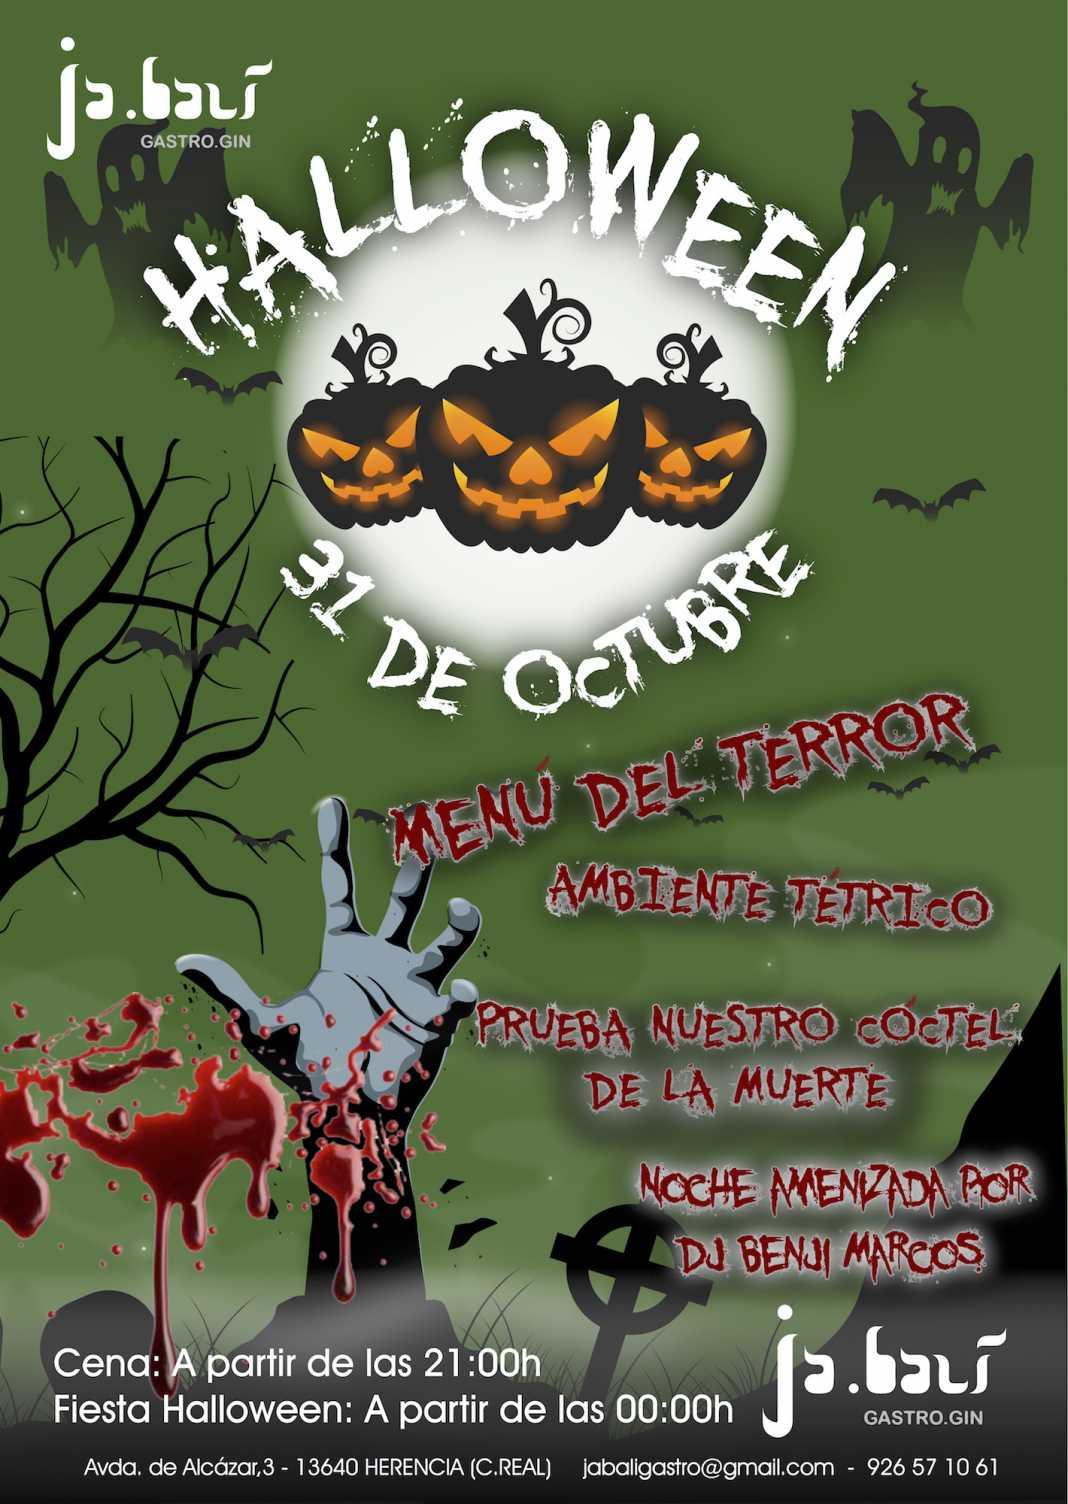 noche de halloween en jabali gastro 1068x1504 - Noche de Halloween en Jabalí Gastro el día 31 octubre